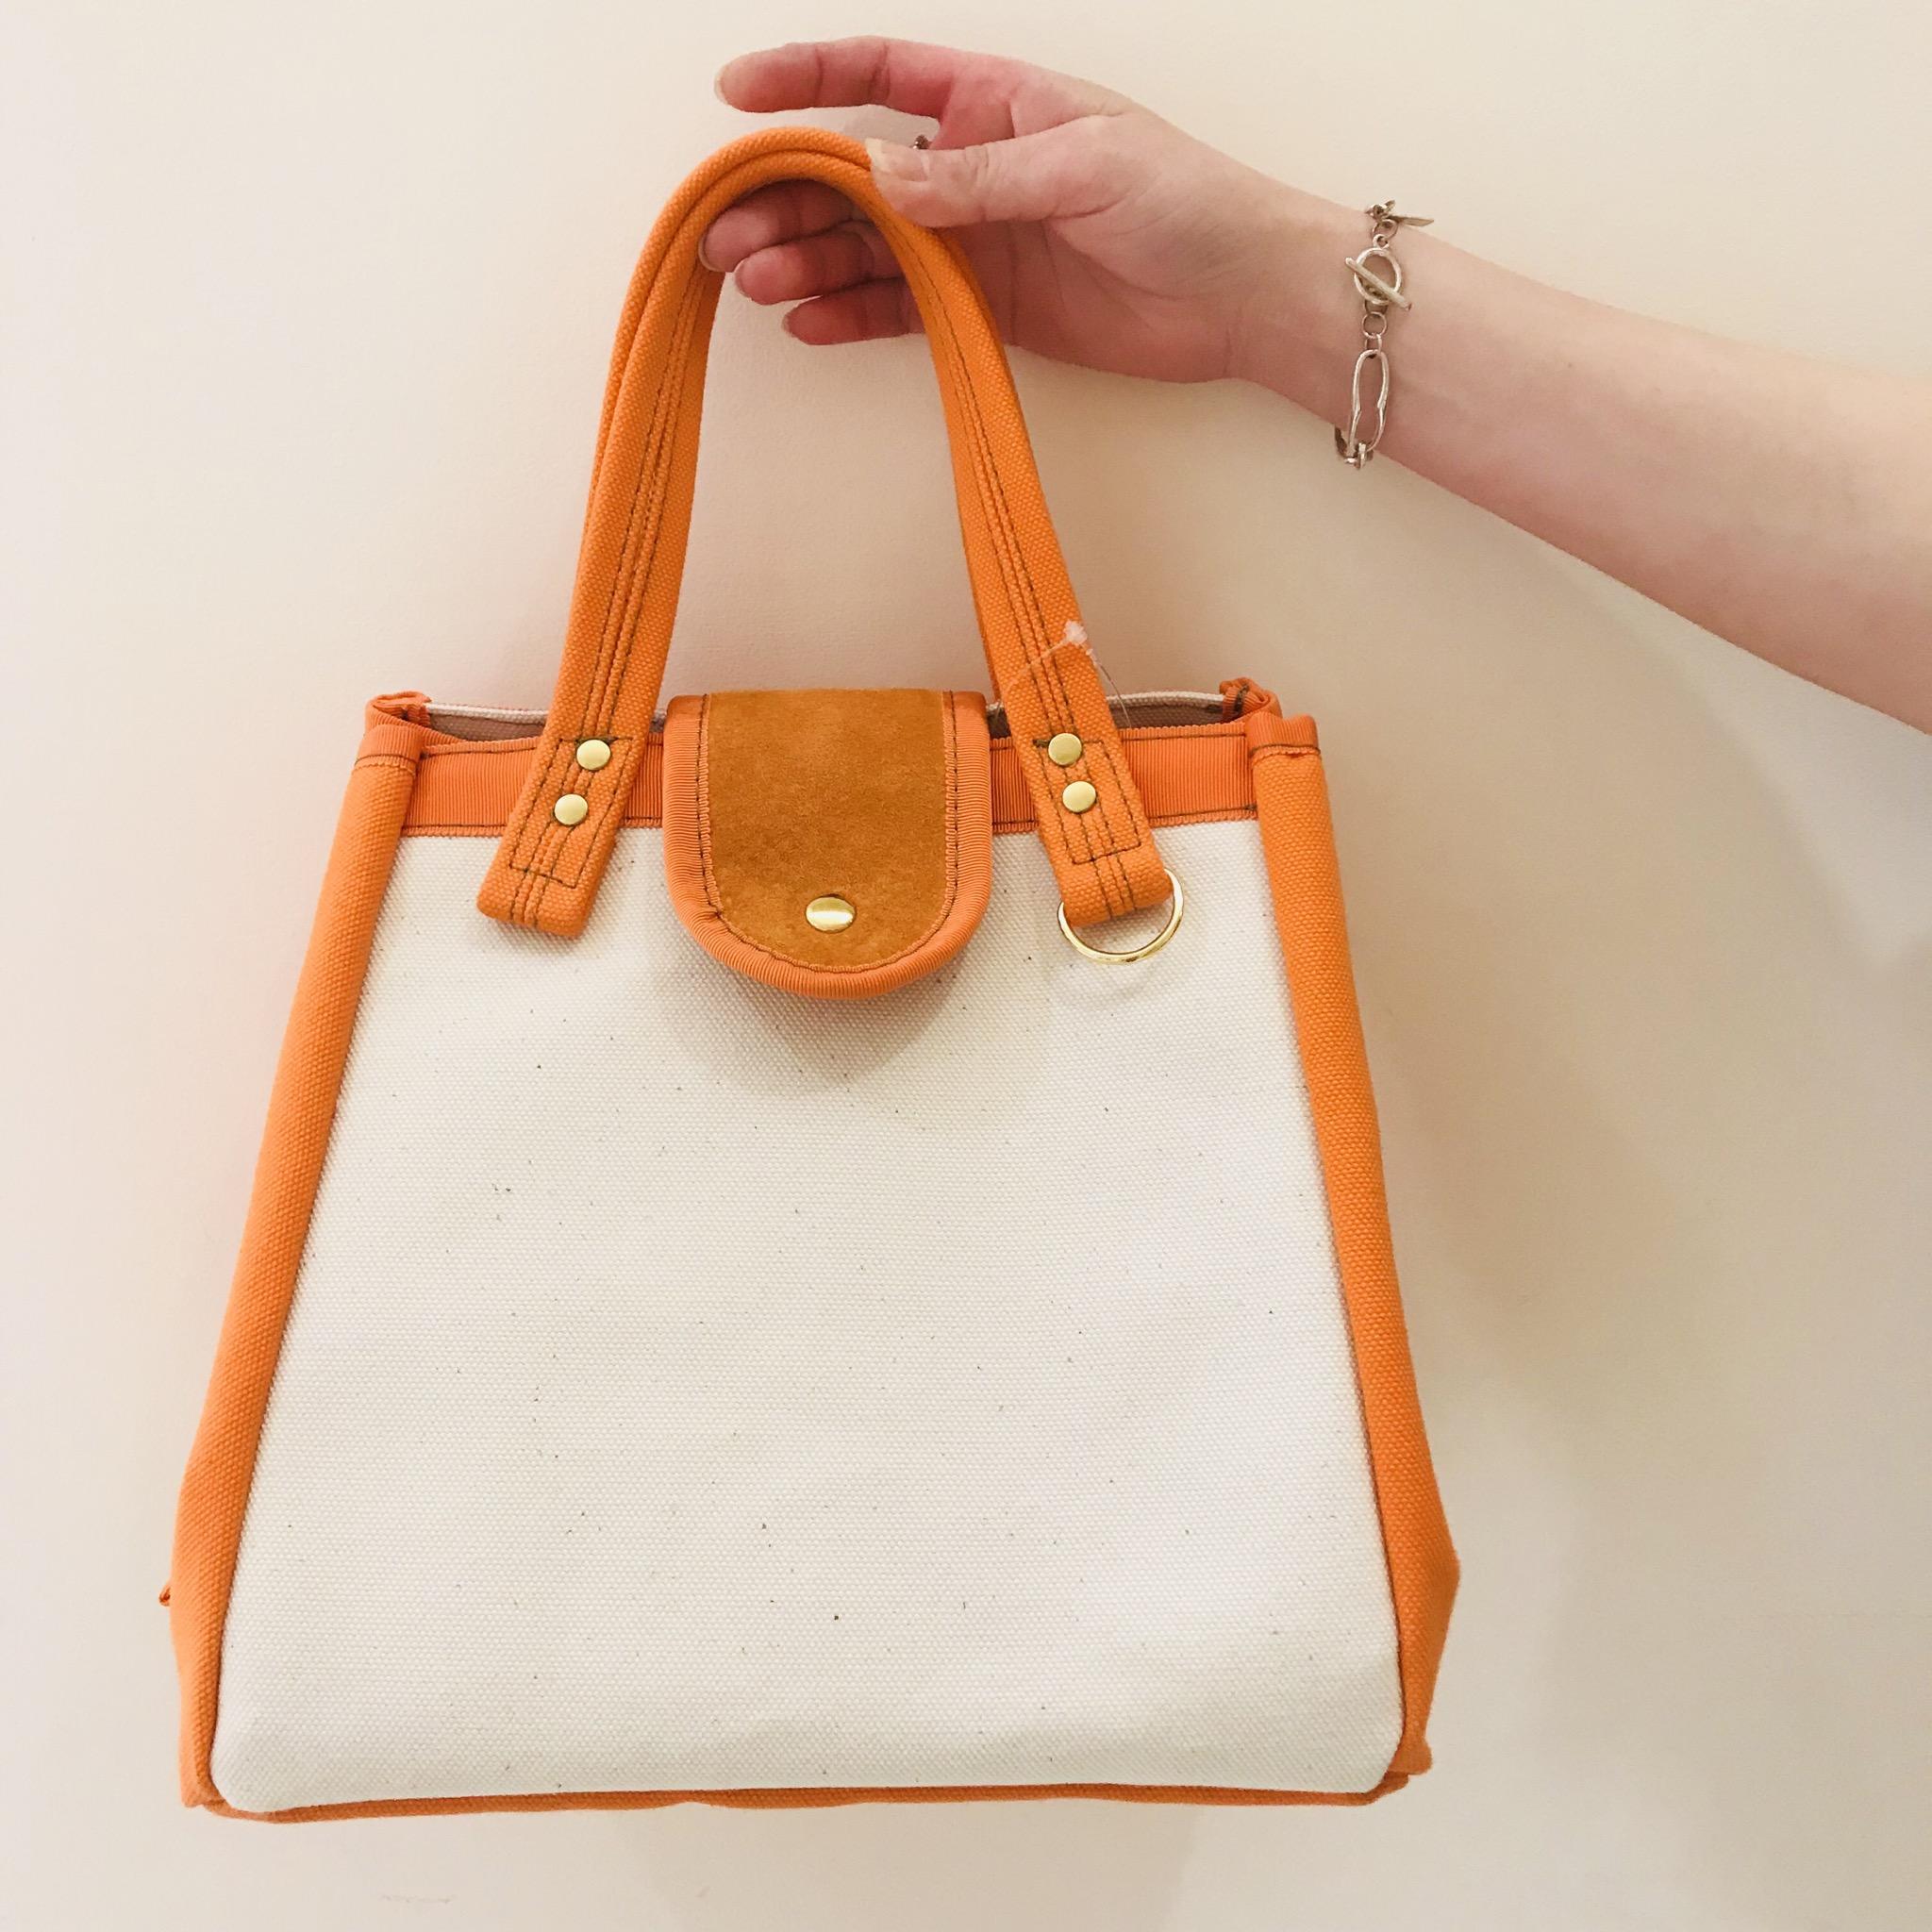 Scrap Book スクラップ ブック MOUNTAIN DA CHERRY bag バッグ